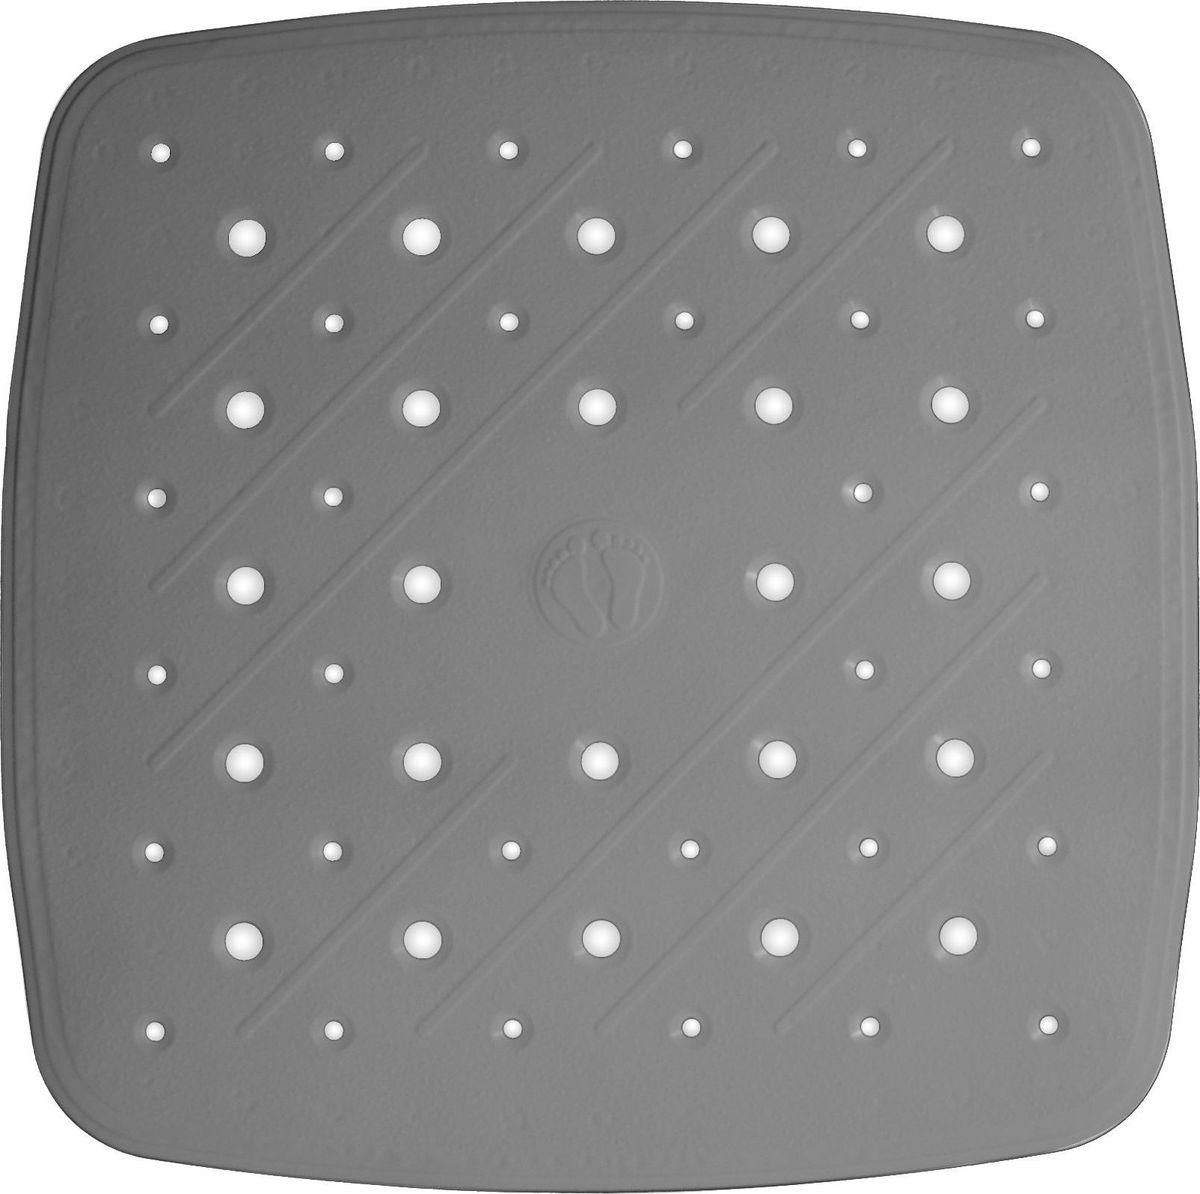 Коврик для ванной Ridder Promo, противоскользящий, на присосках, цвет: серый, 51 х 51 см поручень для ванной ridder promo цвет белый длина 60 см а1016001 page 9